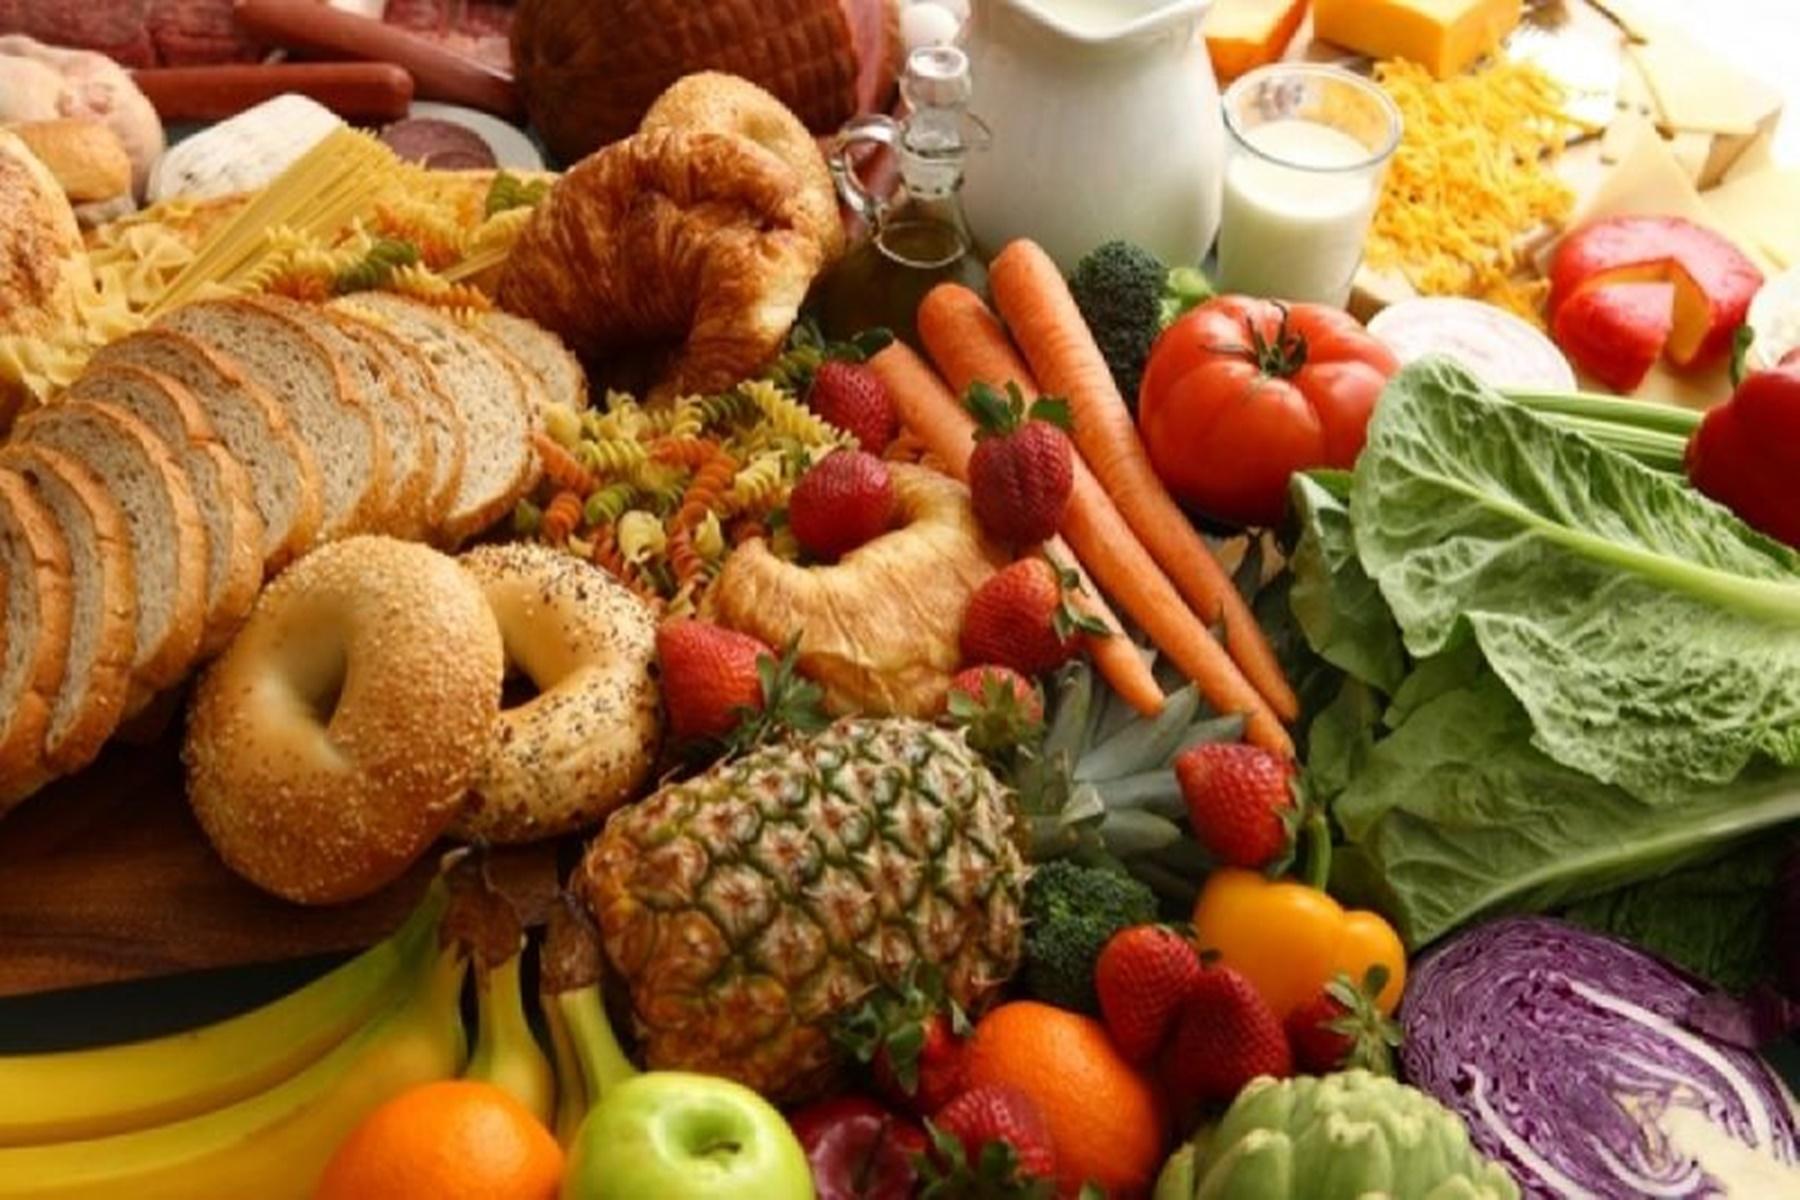 Διατροφή : Η όρεξη μας επηρεάζεται από την διάθεση